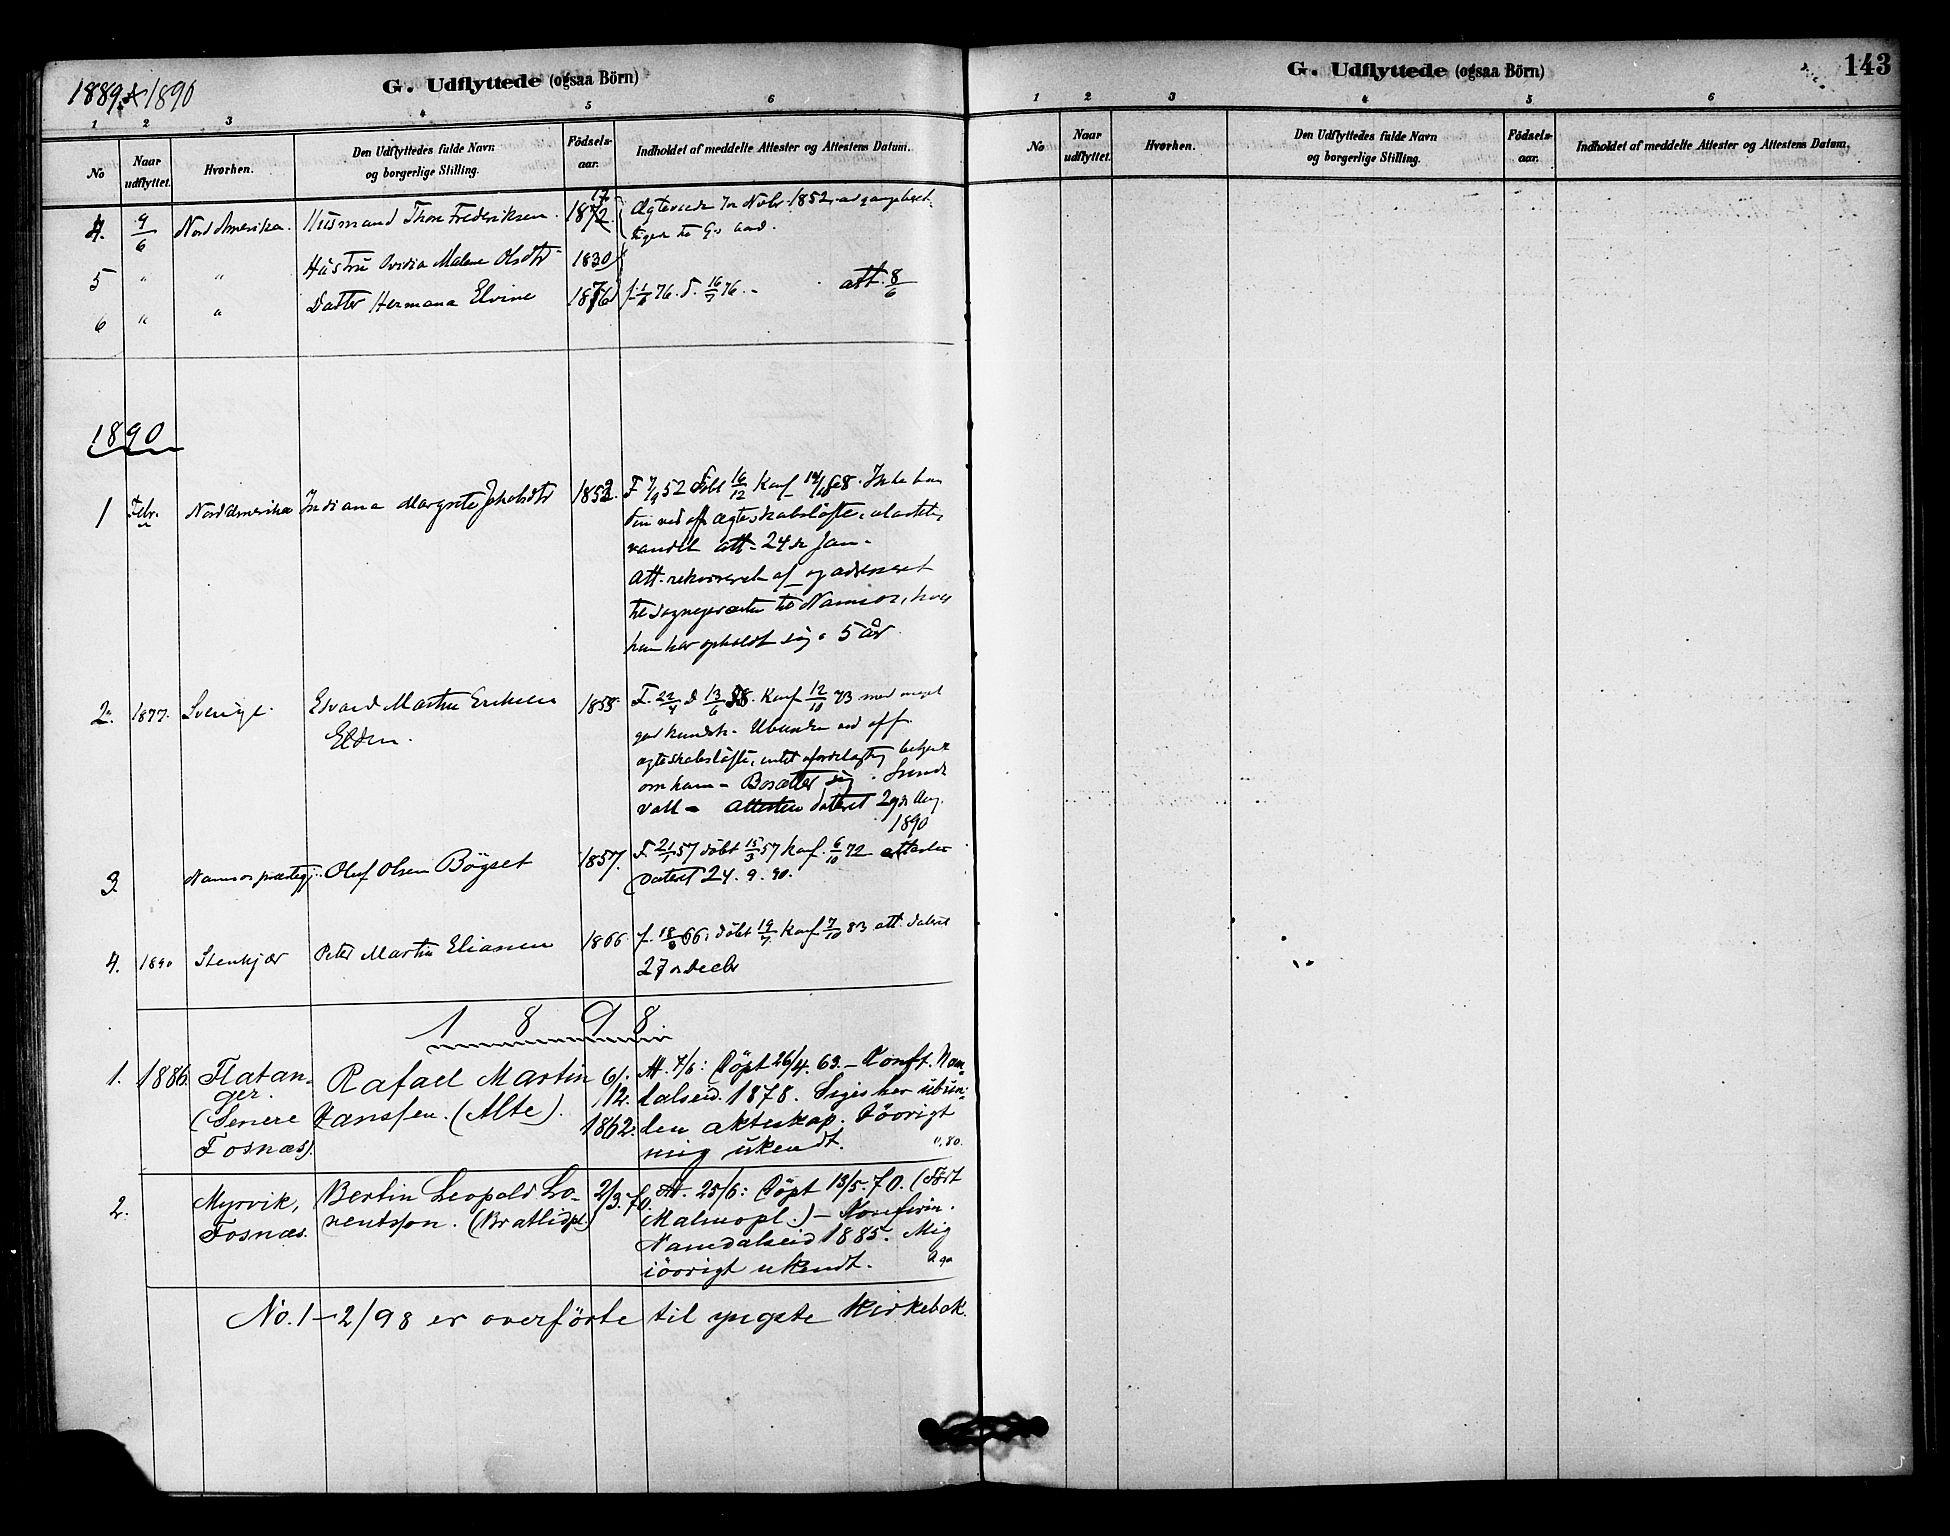 SAT, Ministerialprotokoller, klokkerbøker og fødselsregistre - Nord-Trøndelag, 742/L0408: Ministerialbok nr. 742A01, 1878-1890, s. 143